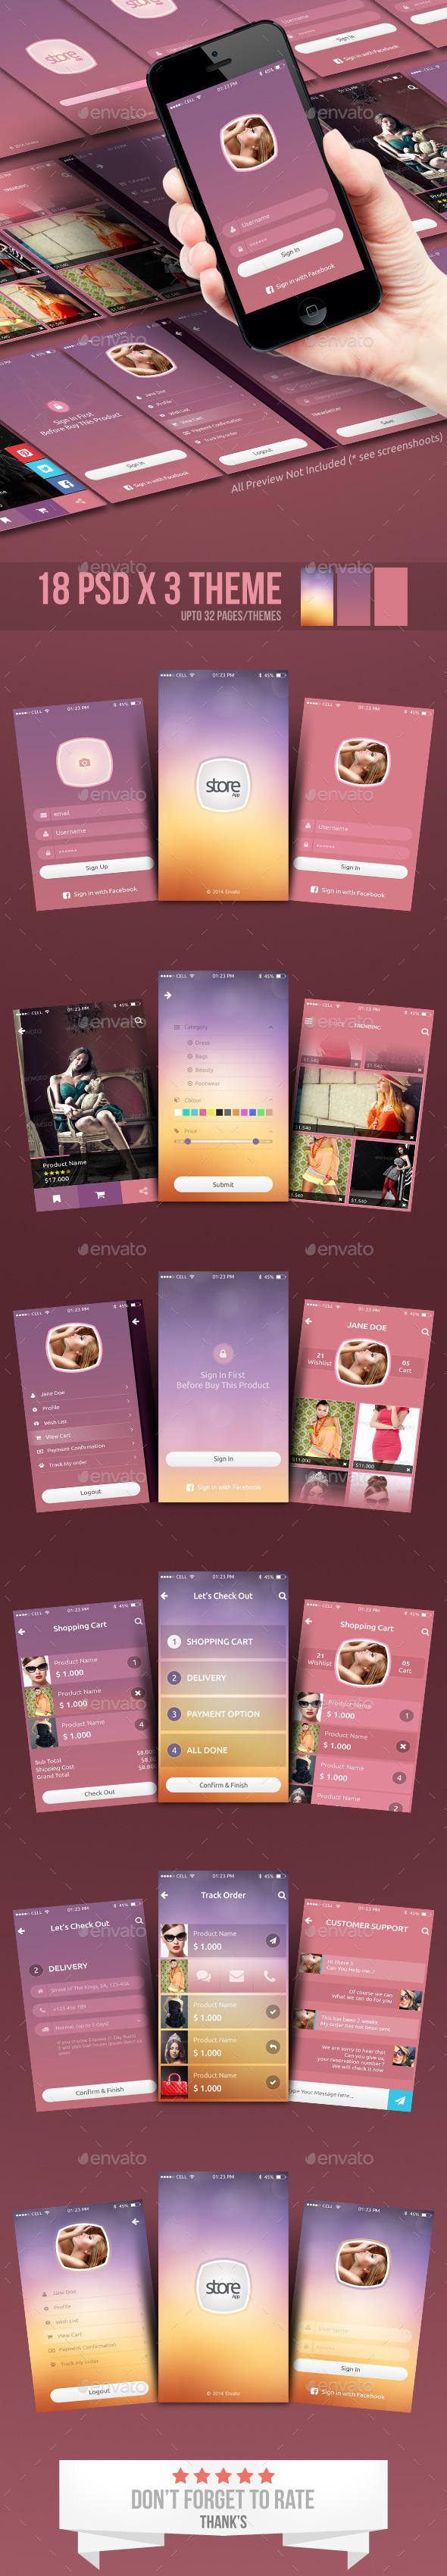 GraphicRiver Fashion Store Mobile App UI 9935511